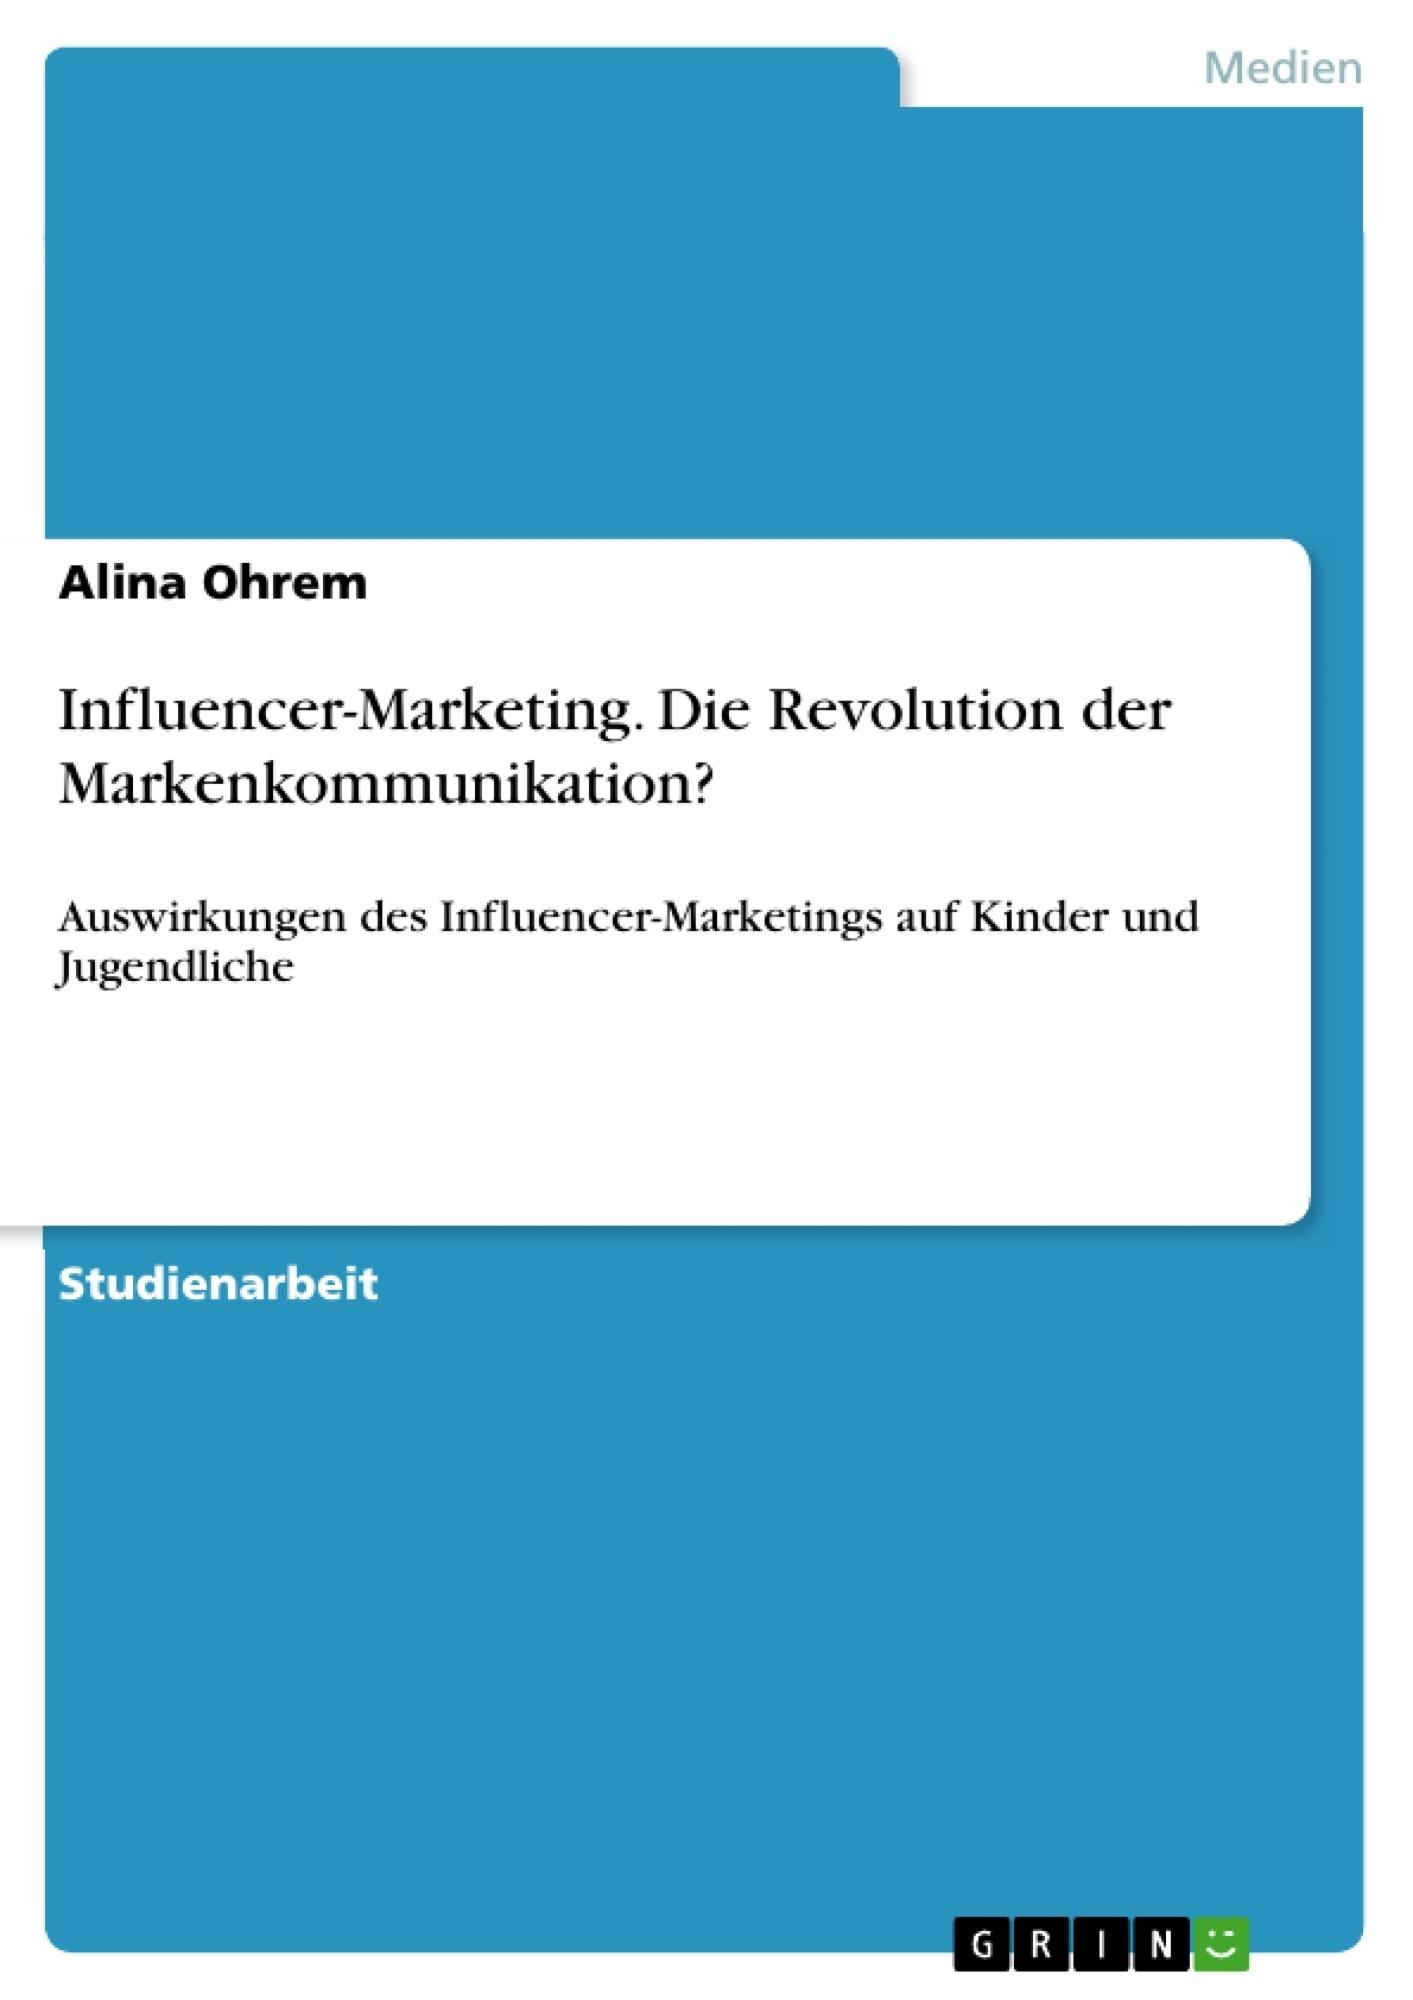 Titel: Influencer-Marketing. Die Revolution der Markenkommunikation?